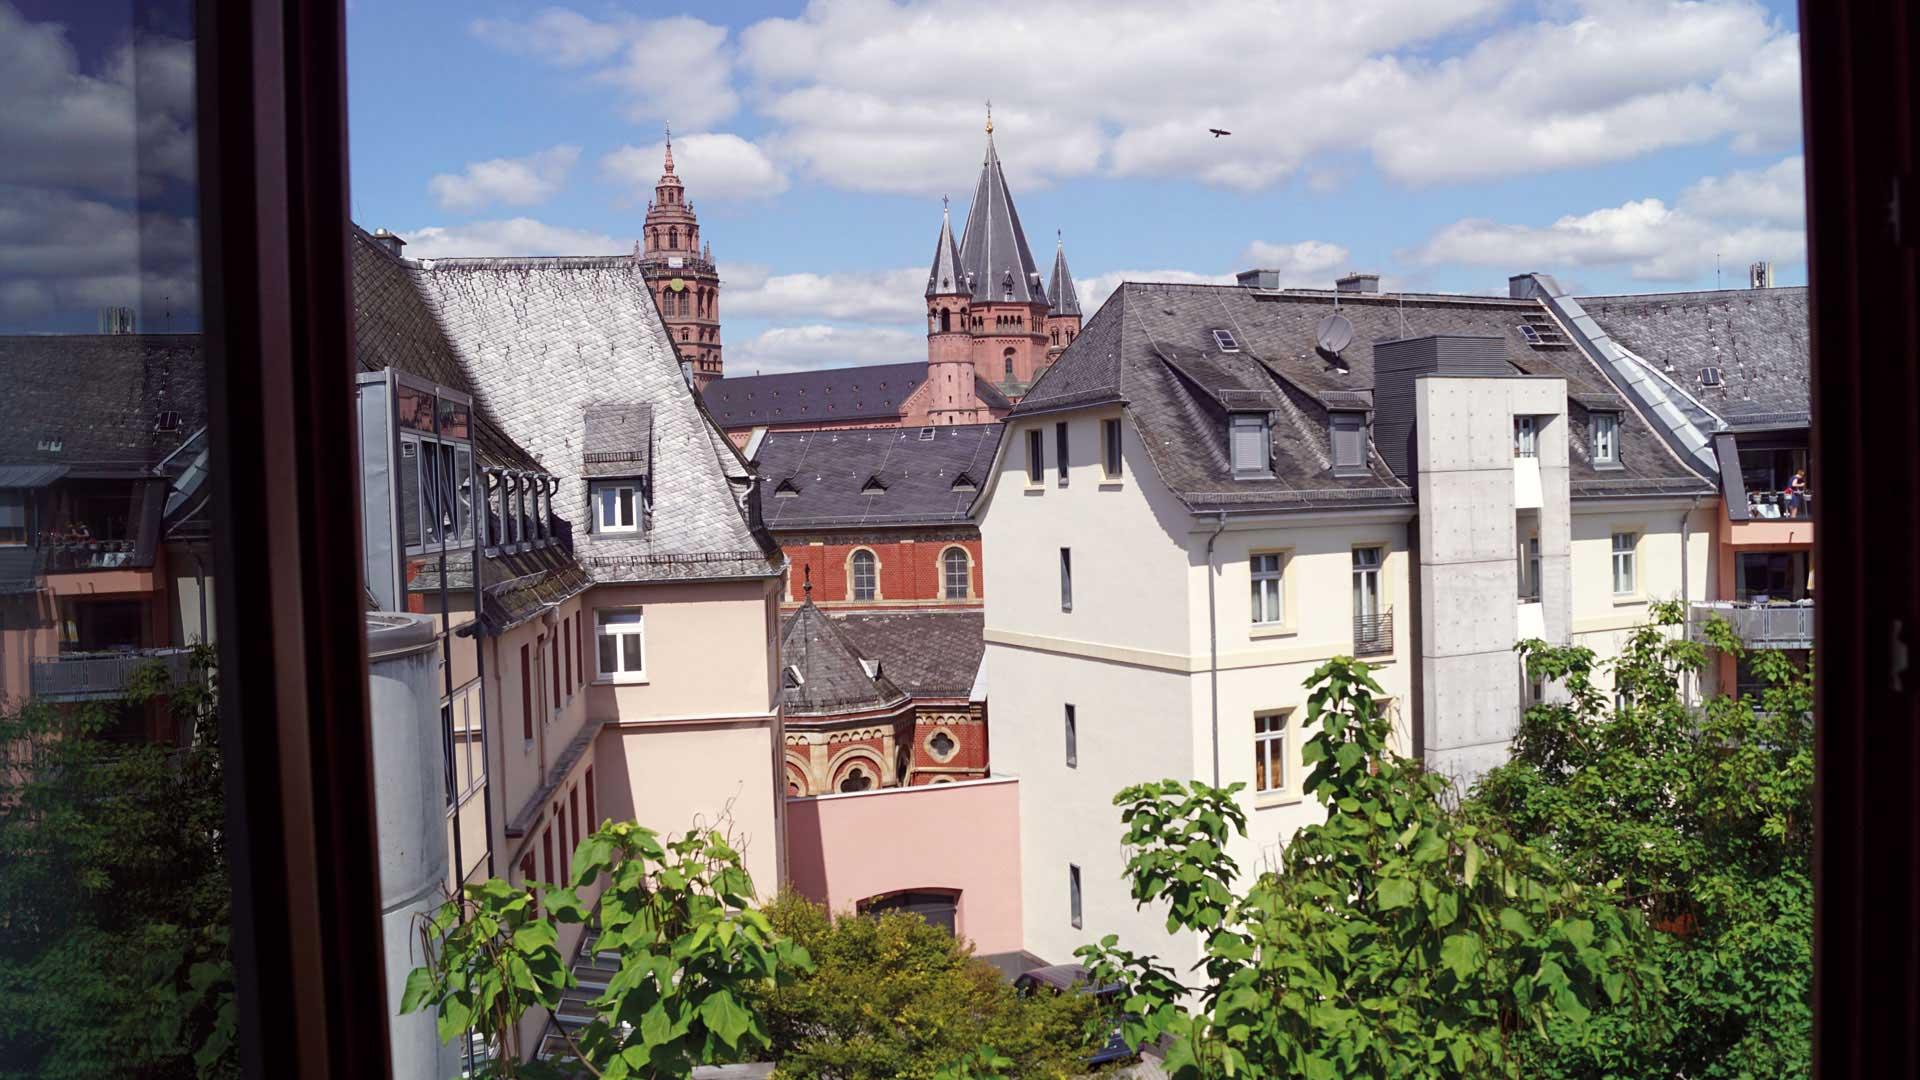 Seniorenzentrum-Bruder-Konrad-Stift-Ansicht-2